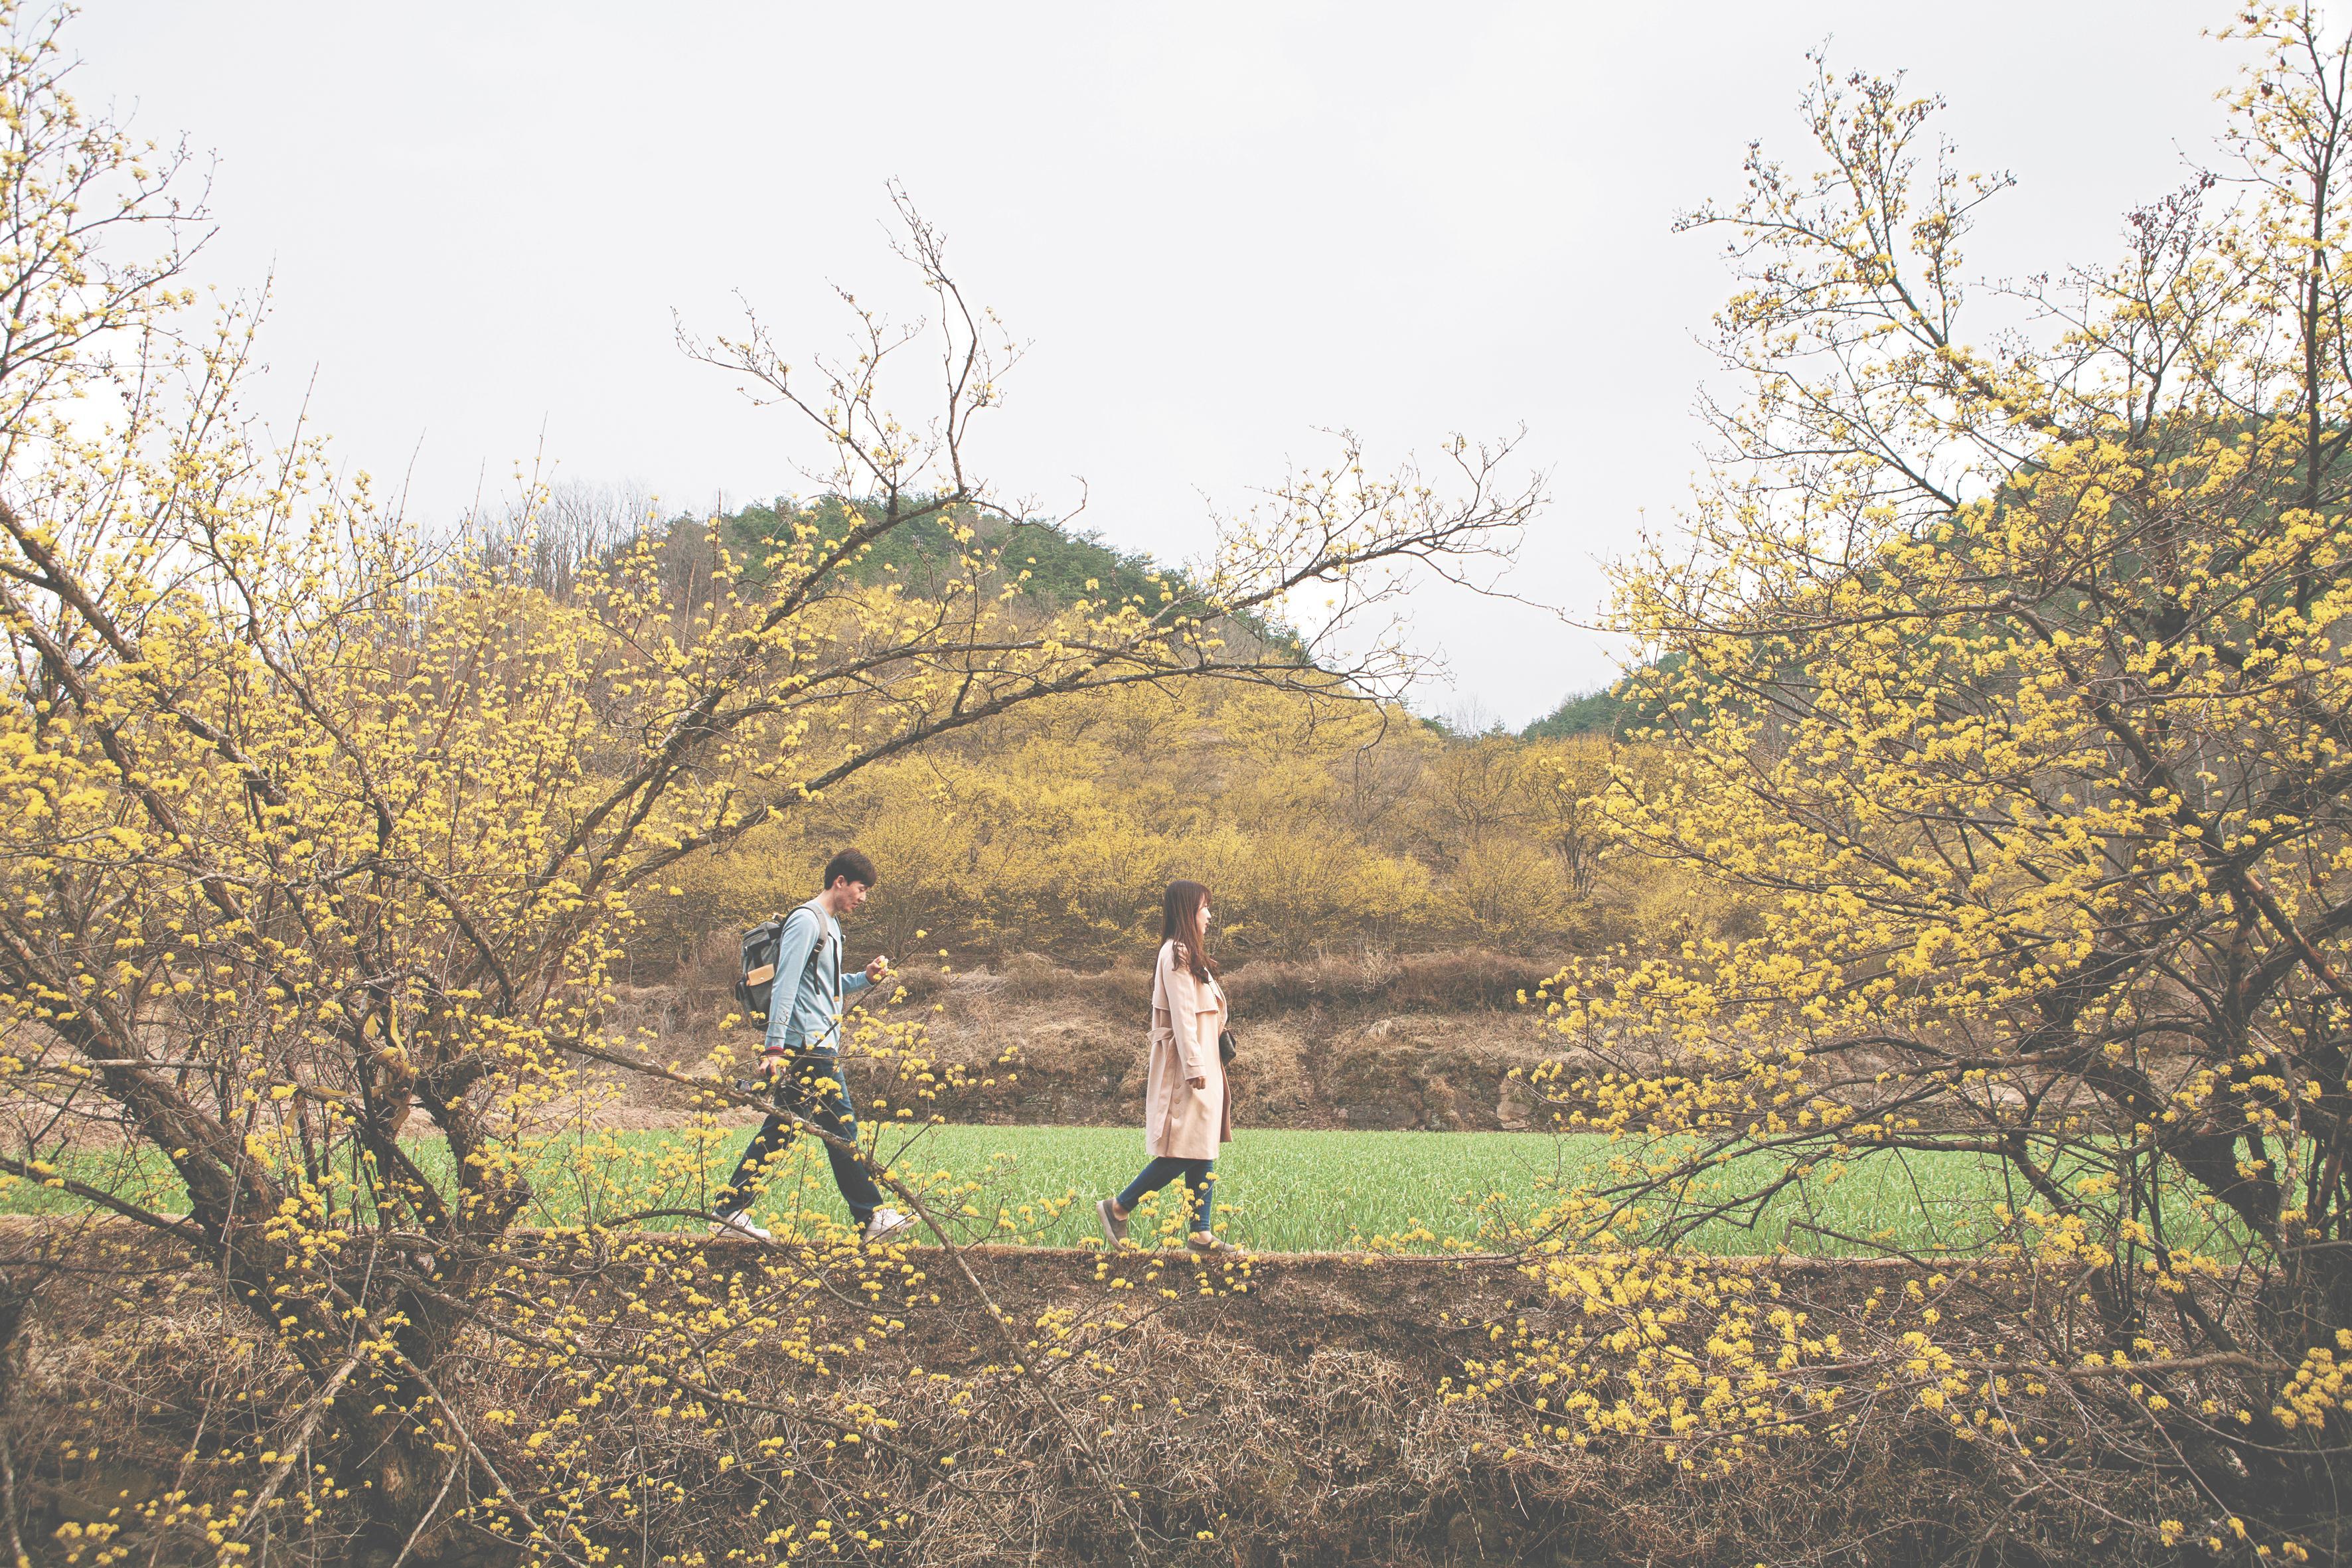 나는 끝 모르는 길을 걸어가면서 주위에 펼쳐진 색의 아름다움을 마음껏 즐기며 갈 것이다. [중앙포토]